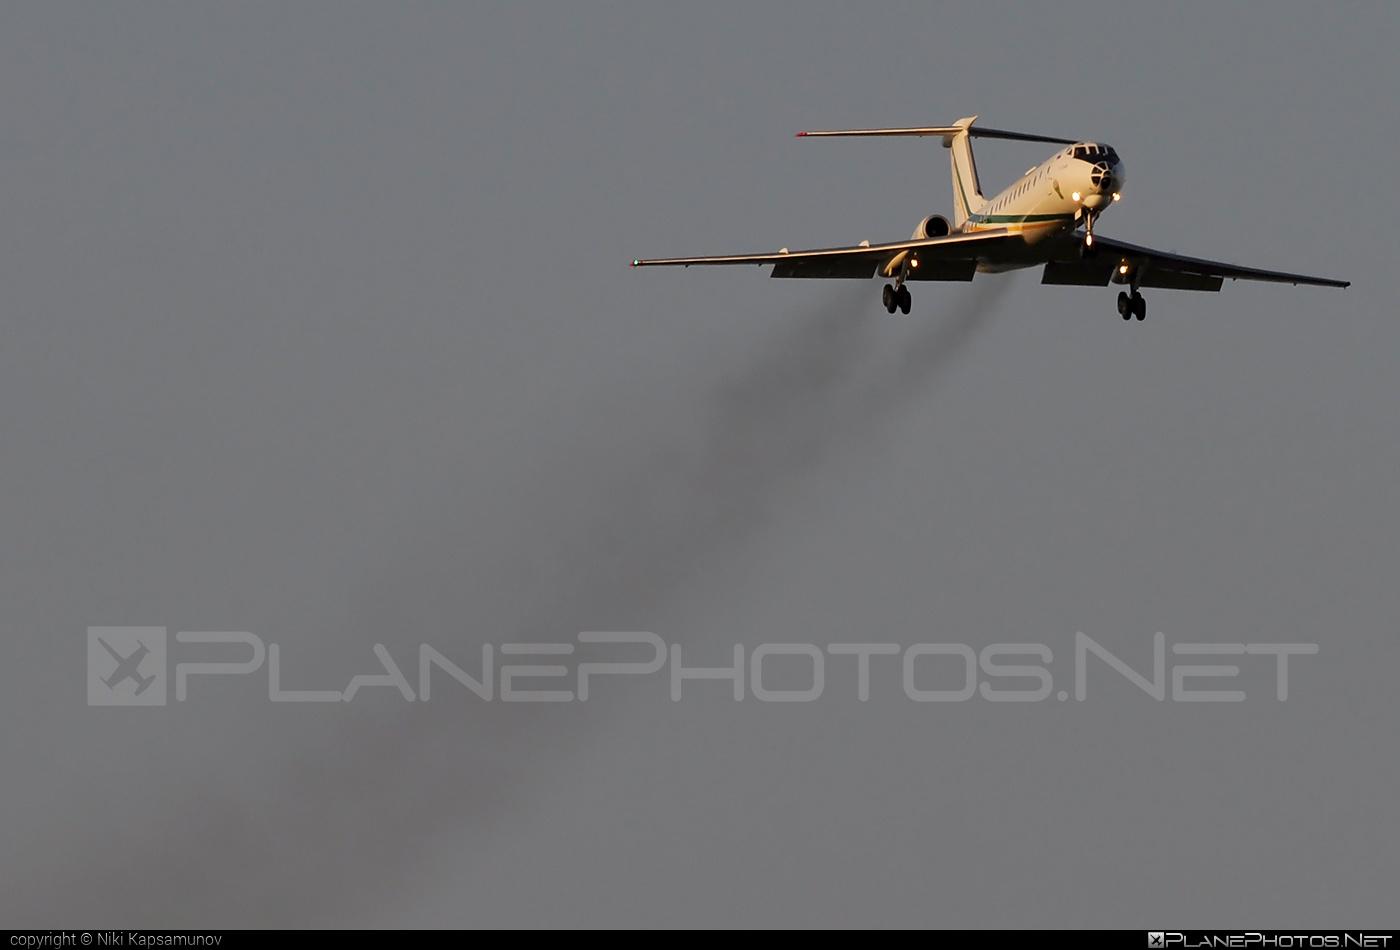 Tupolev Tu-134A - RF-65153 operated by Voyenno-vozdushnye sily Rossii (Russian Air Force) #tu134 #tu134a #tupolev #tupolev134 #tupolevtu134 #tupolevtu134a